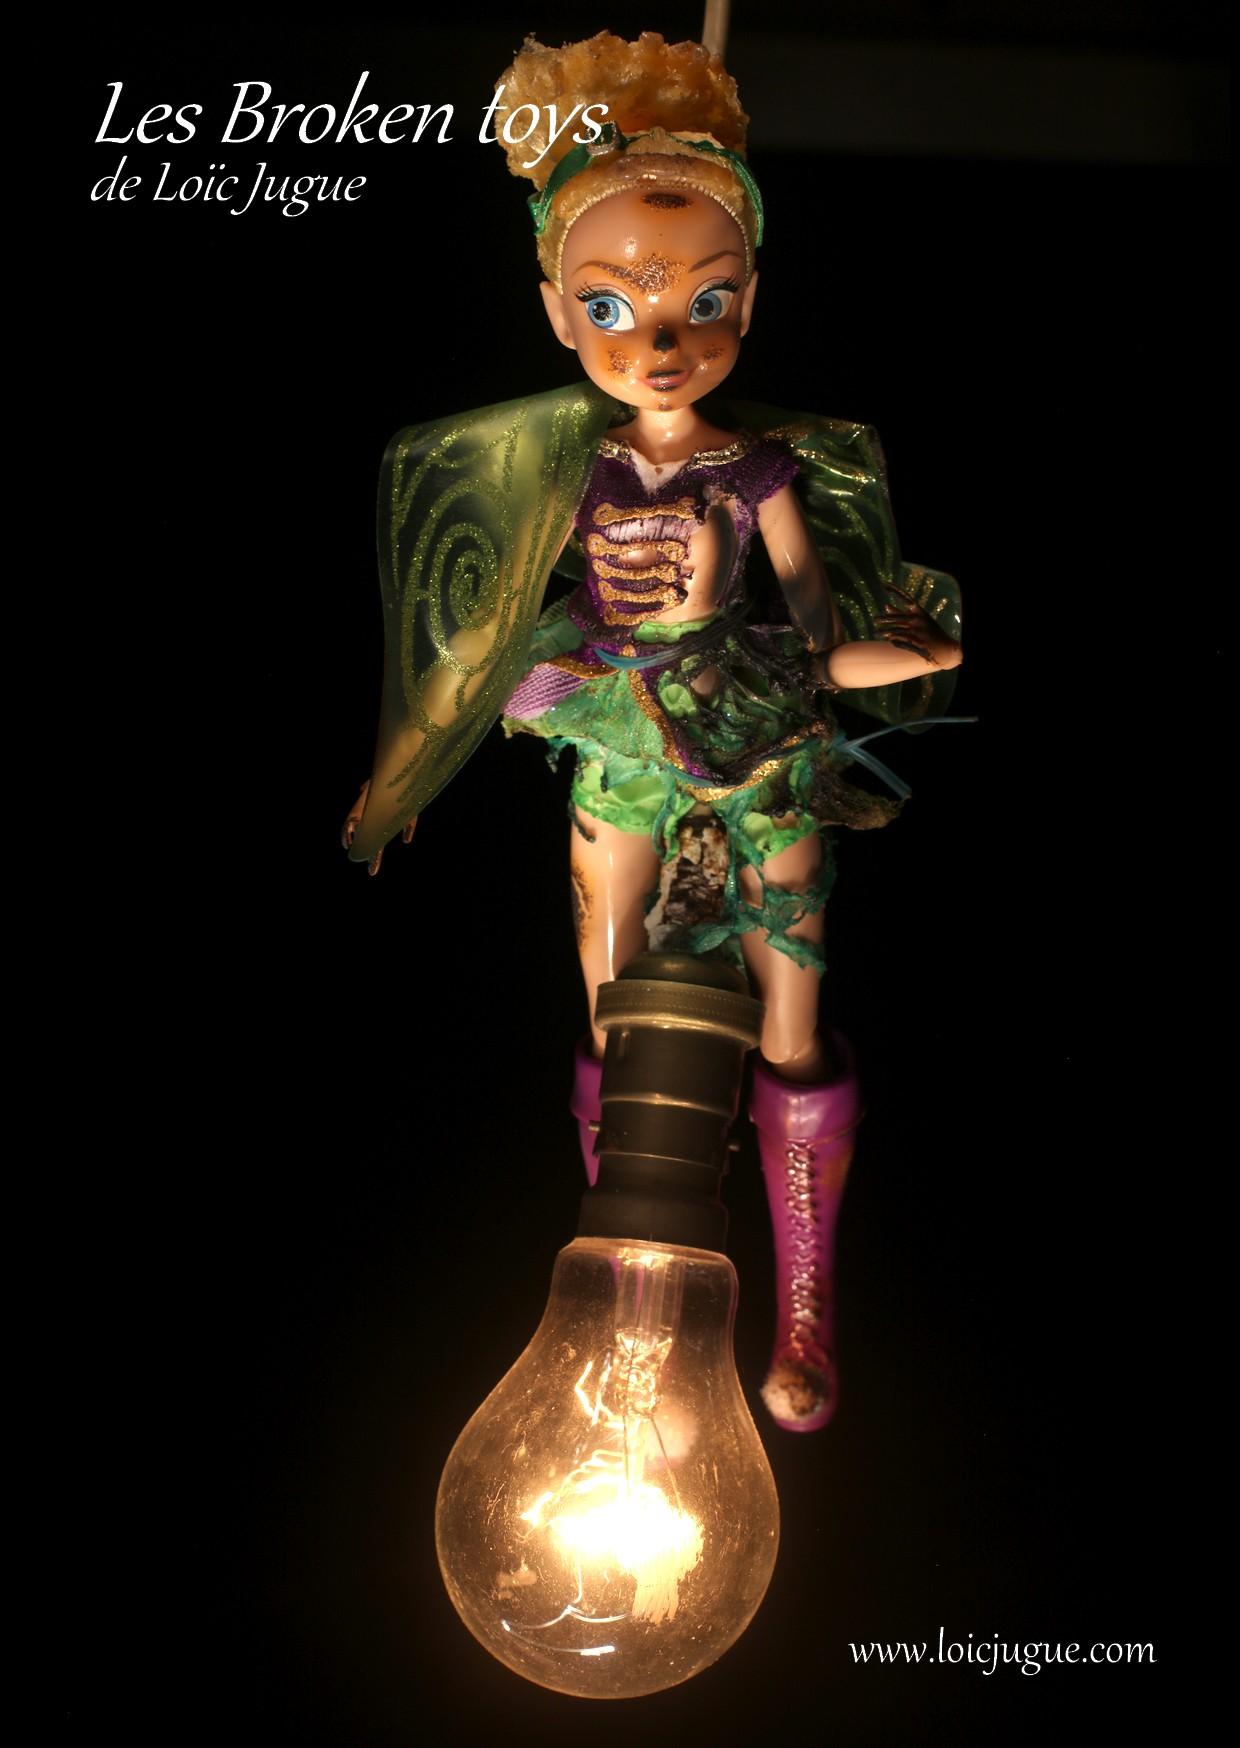 Les broken toys de Loïc Jugue: La fée électricité (avant)